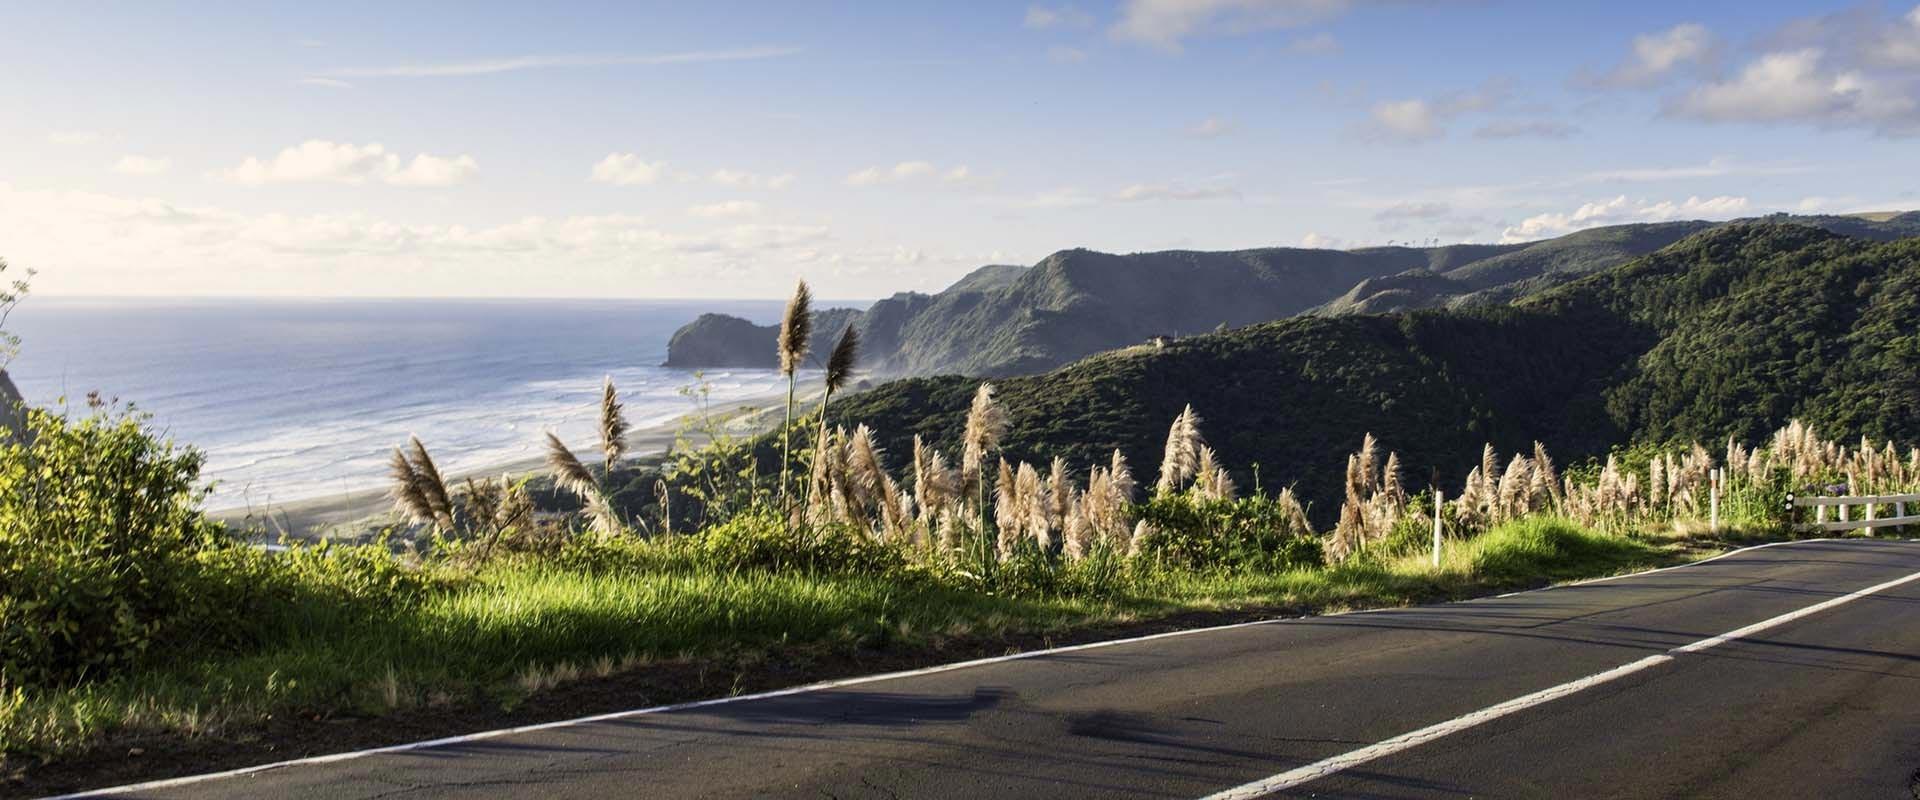 New Zealand Public Holidays 2020 - Publicholidays.co.nz-Nz School Holidays 2020 Calendar